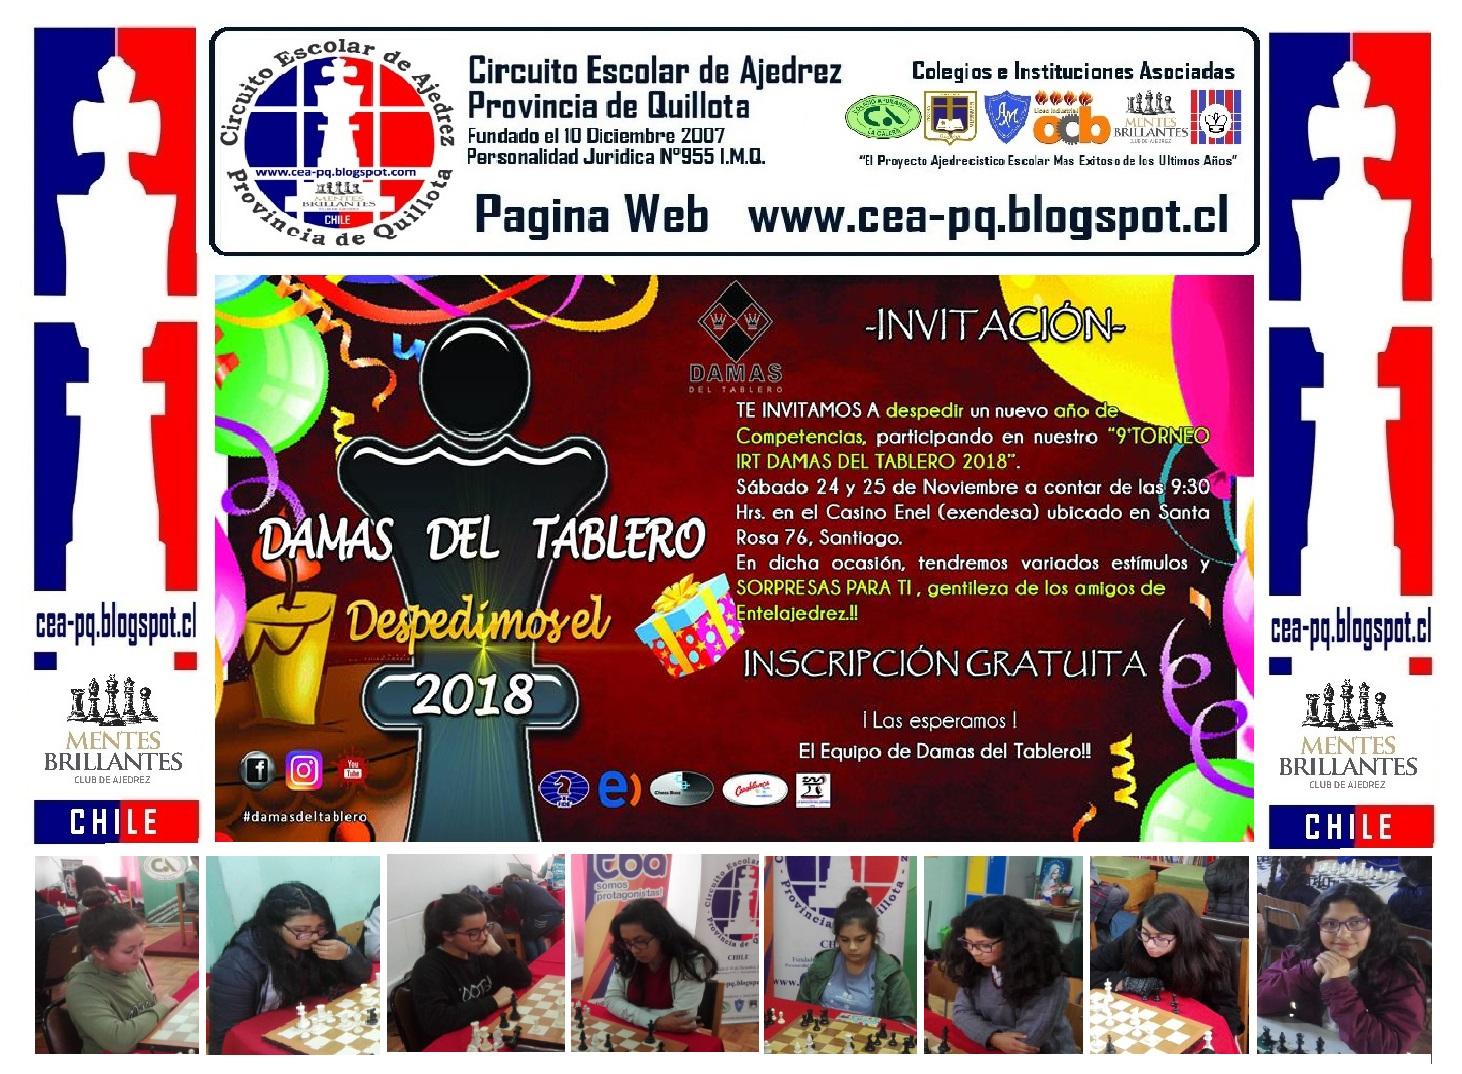 CEAPQ - MENTES BRILLANTES PARTICIPARAN EN DAMAS DEL TABLERO 2018